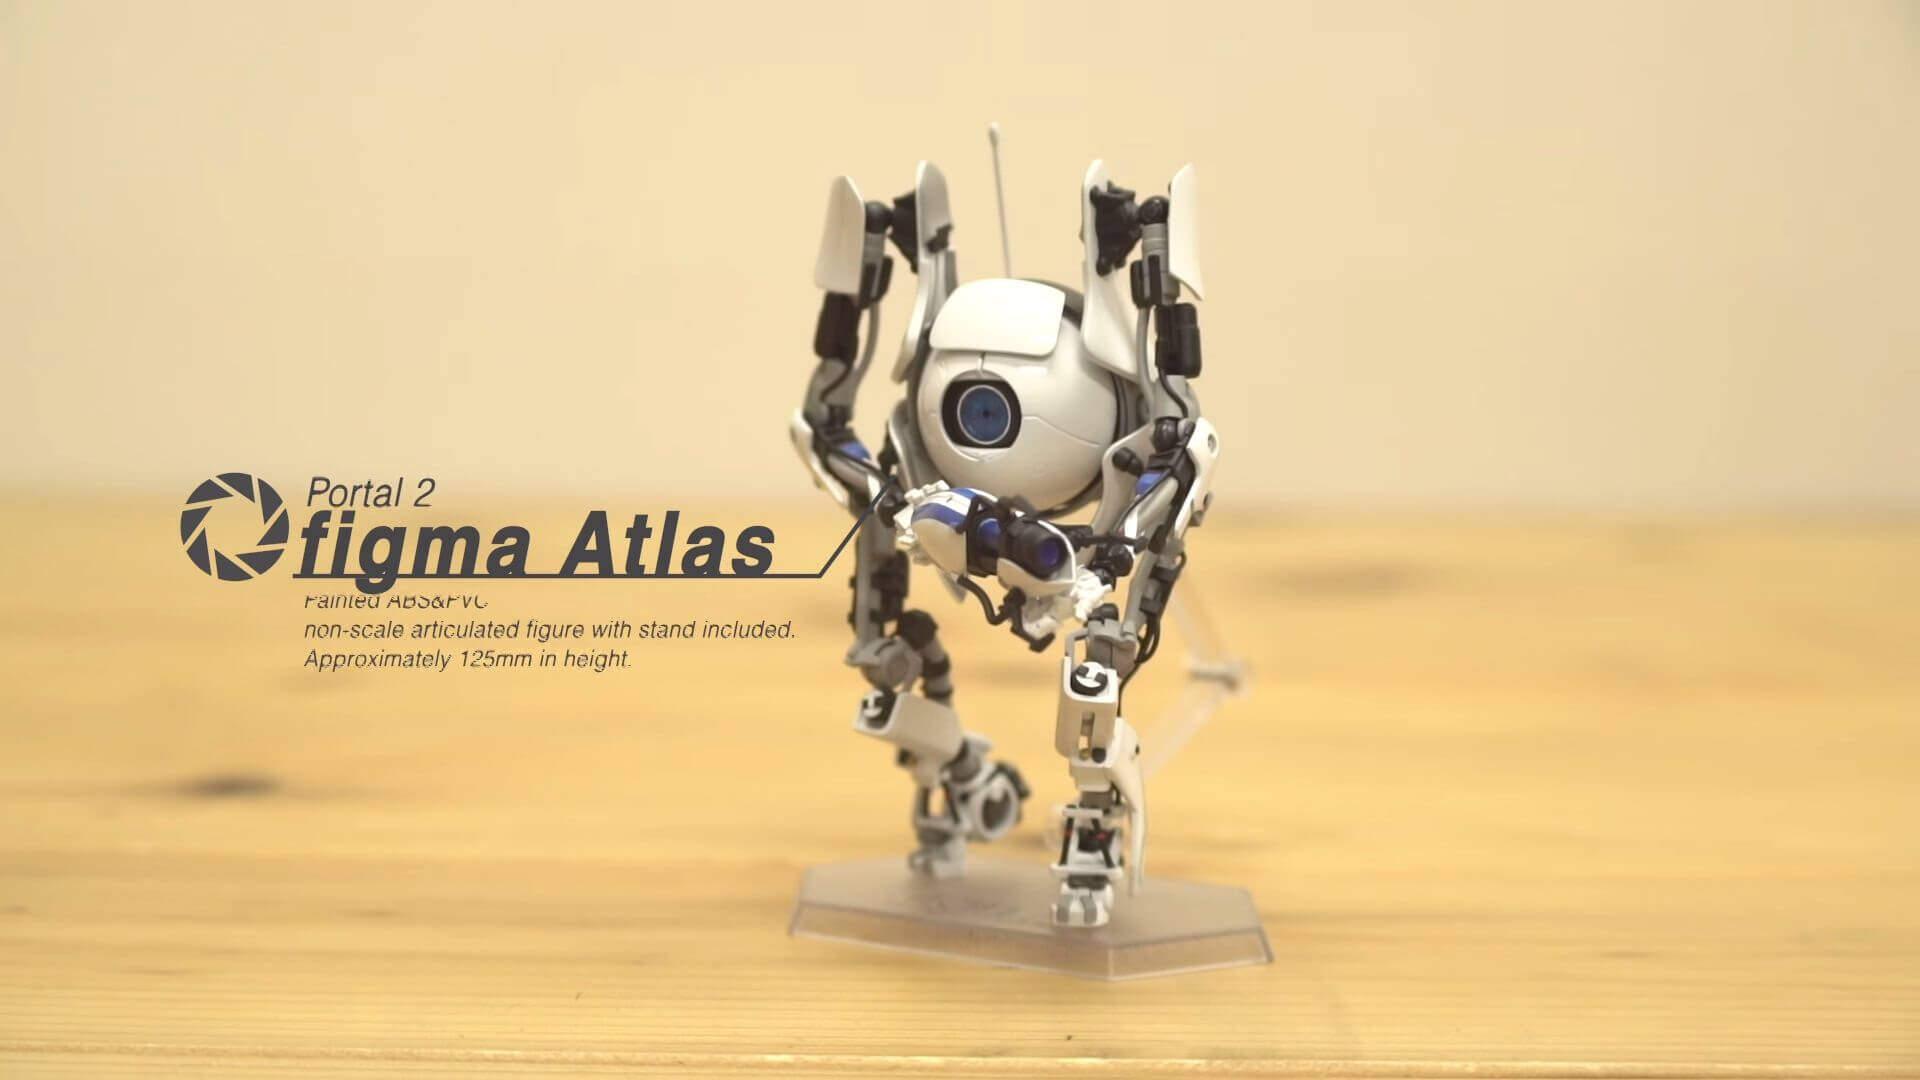 『Portal2』の「Atlas」がfigmaになって登場!!2017年11月発売